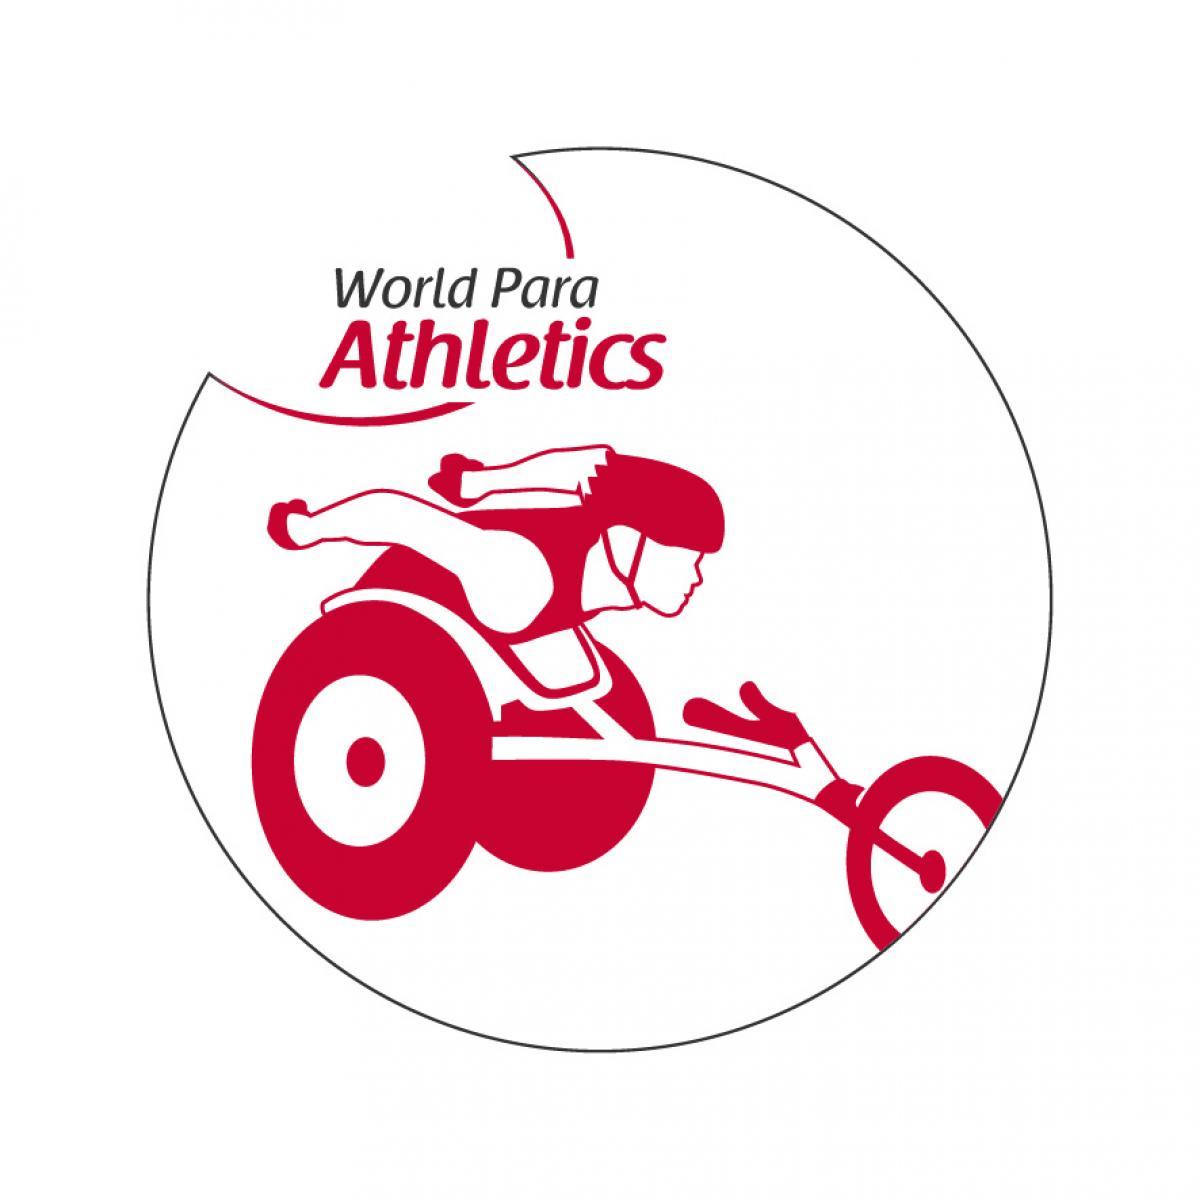 Информационное письмо Всемирной Пара Атлетики о переносе чемпионата мира в Кобе, Квалификации к Паралимпийским играм в Токио и серии Гран-при 2021 года